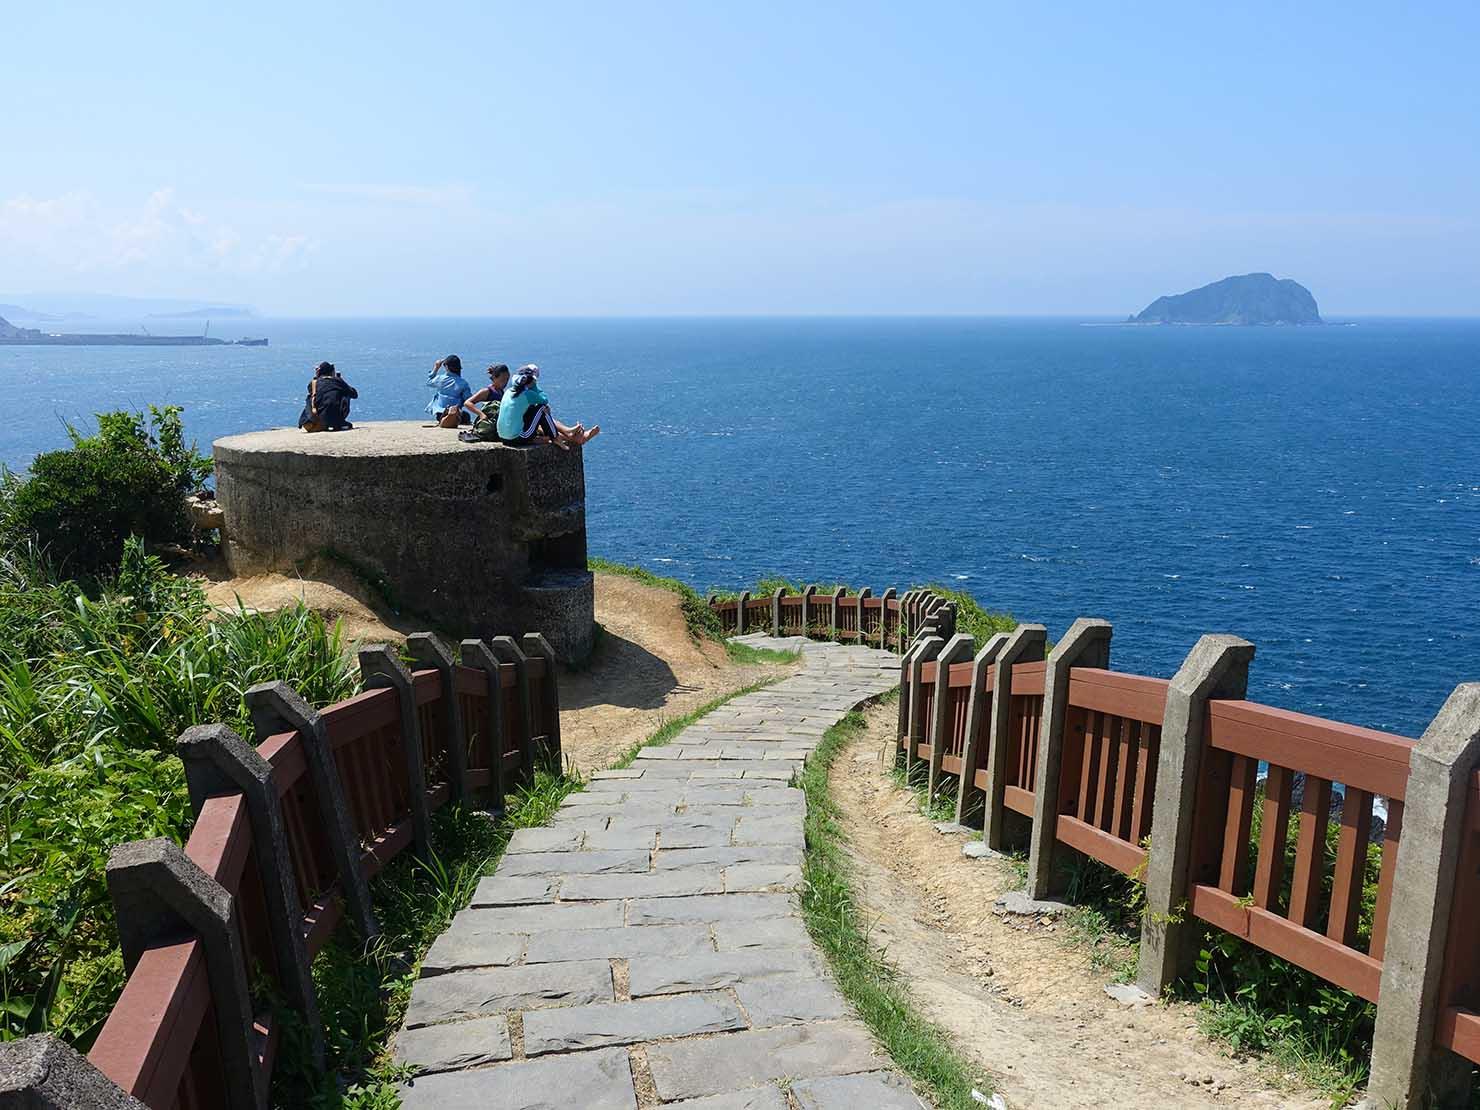 台北から日帰りで行ける基隆・望幽谷の高台から海を眺める女性グループ